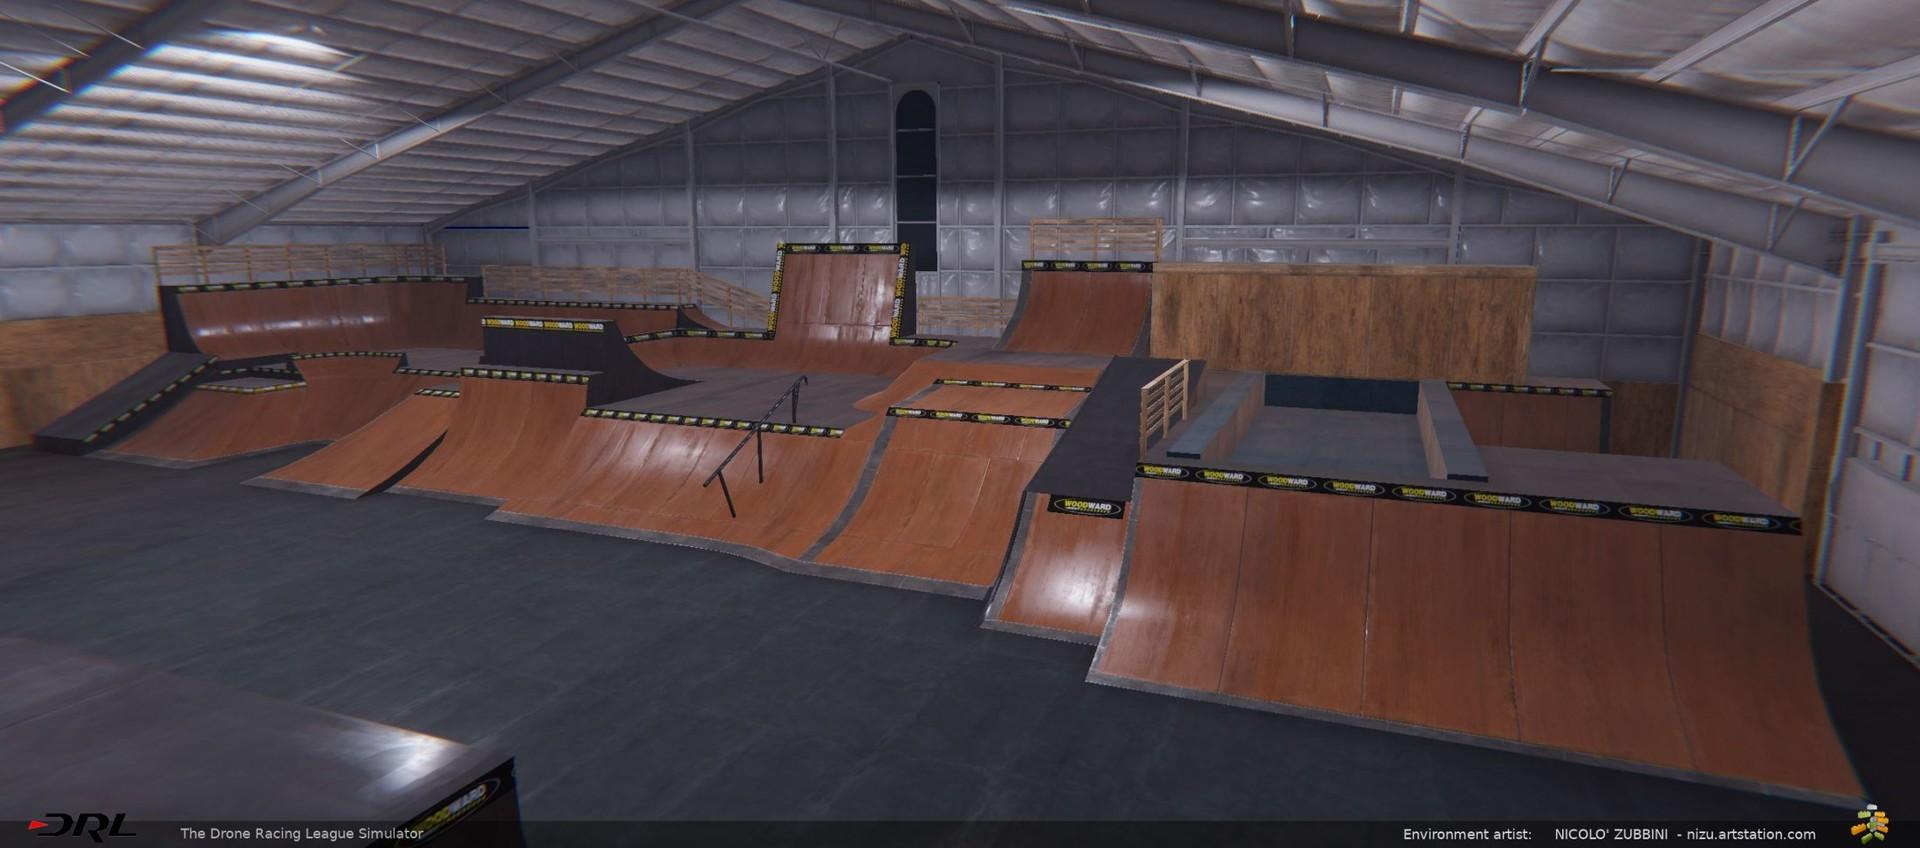 Nicolo zubbini drl skatepark 4